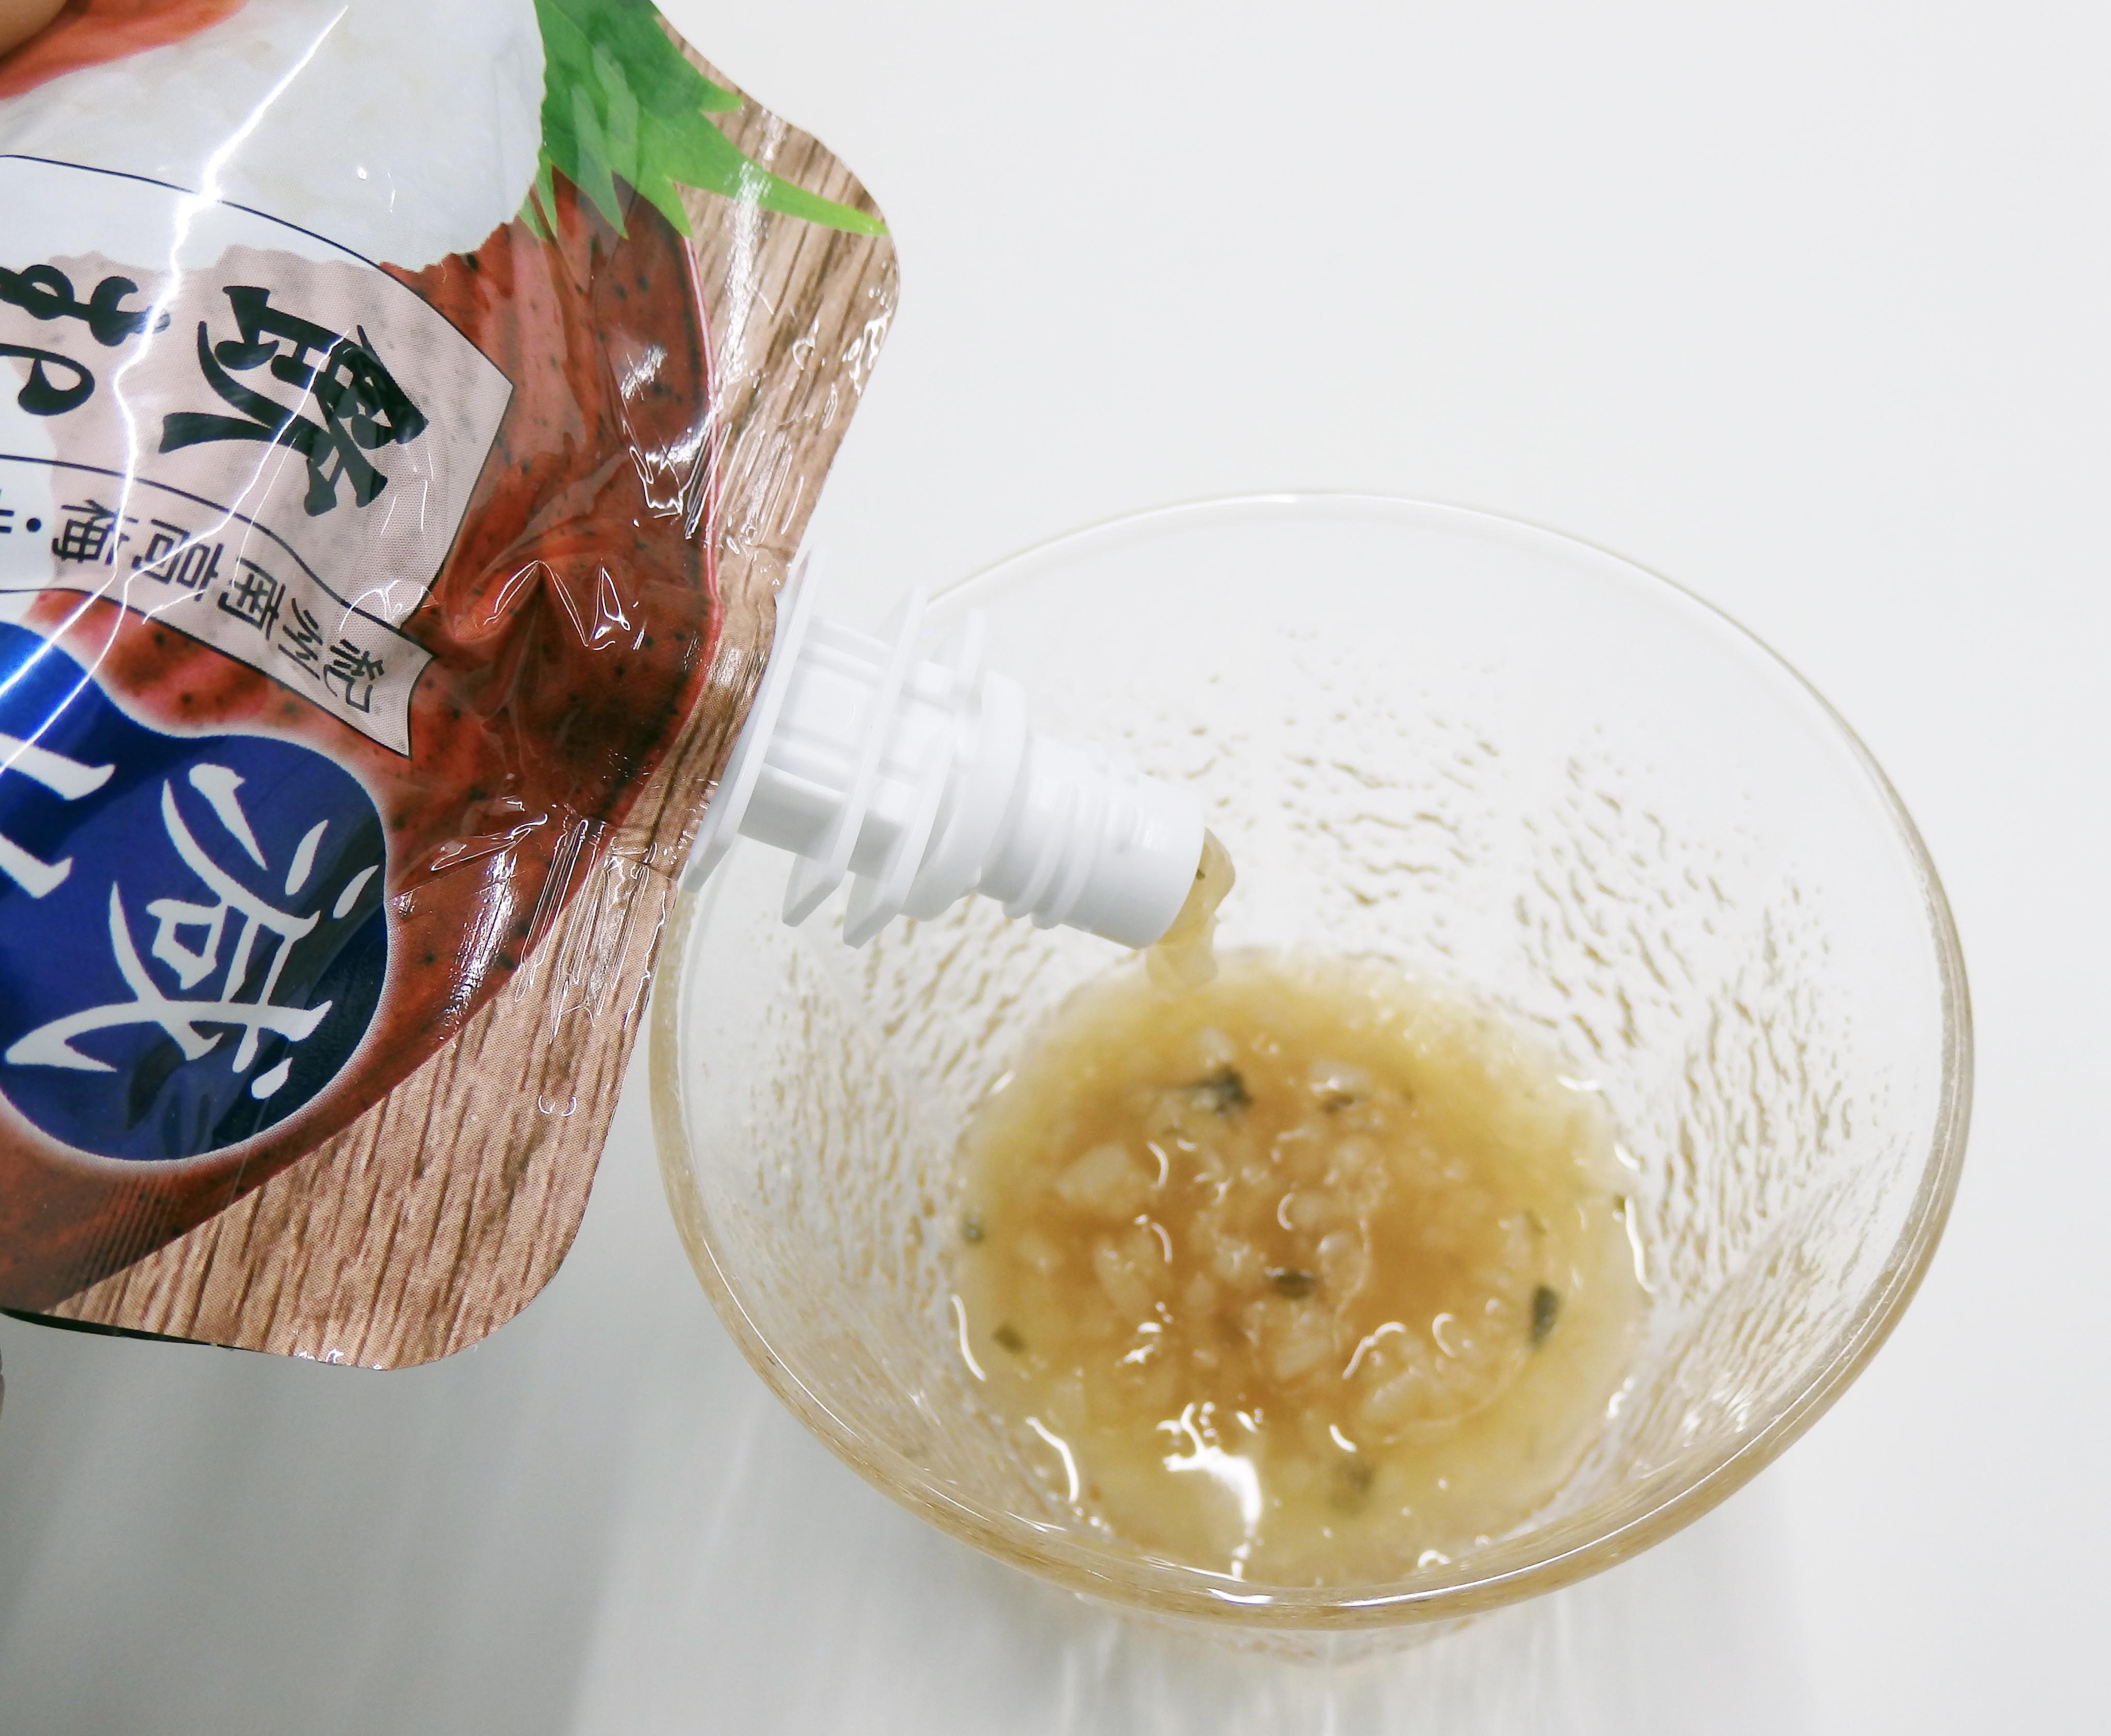 「飲むおにぎり」(ヨコオデイリーフーズ)